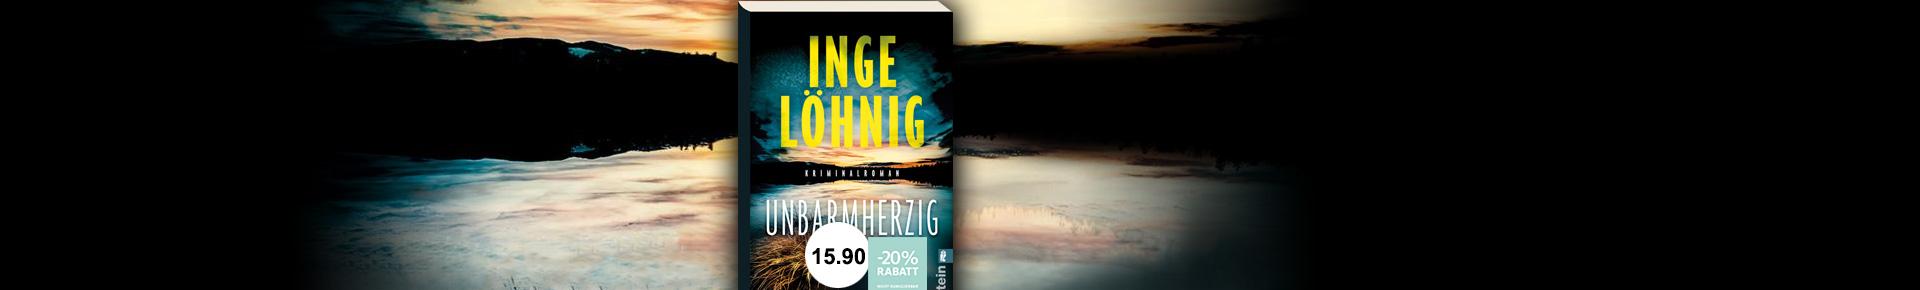 Inge Löhning - Unbarmherzig